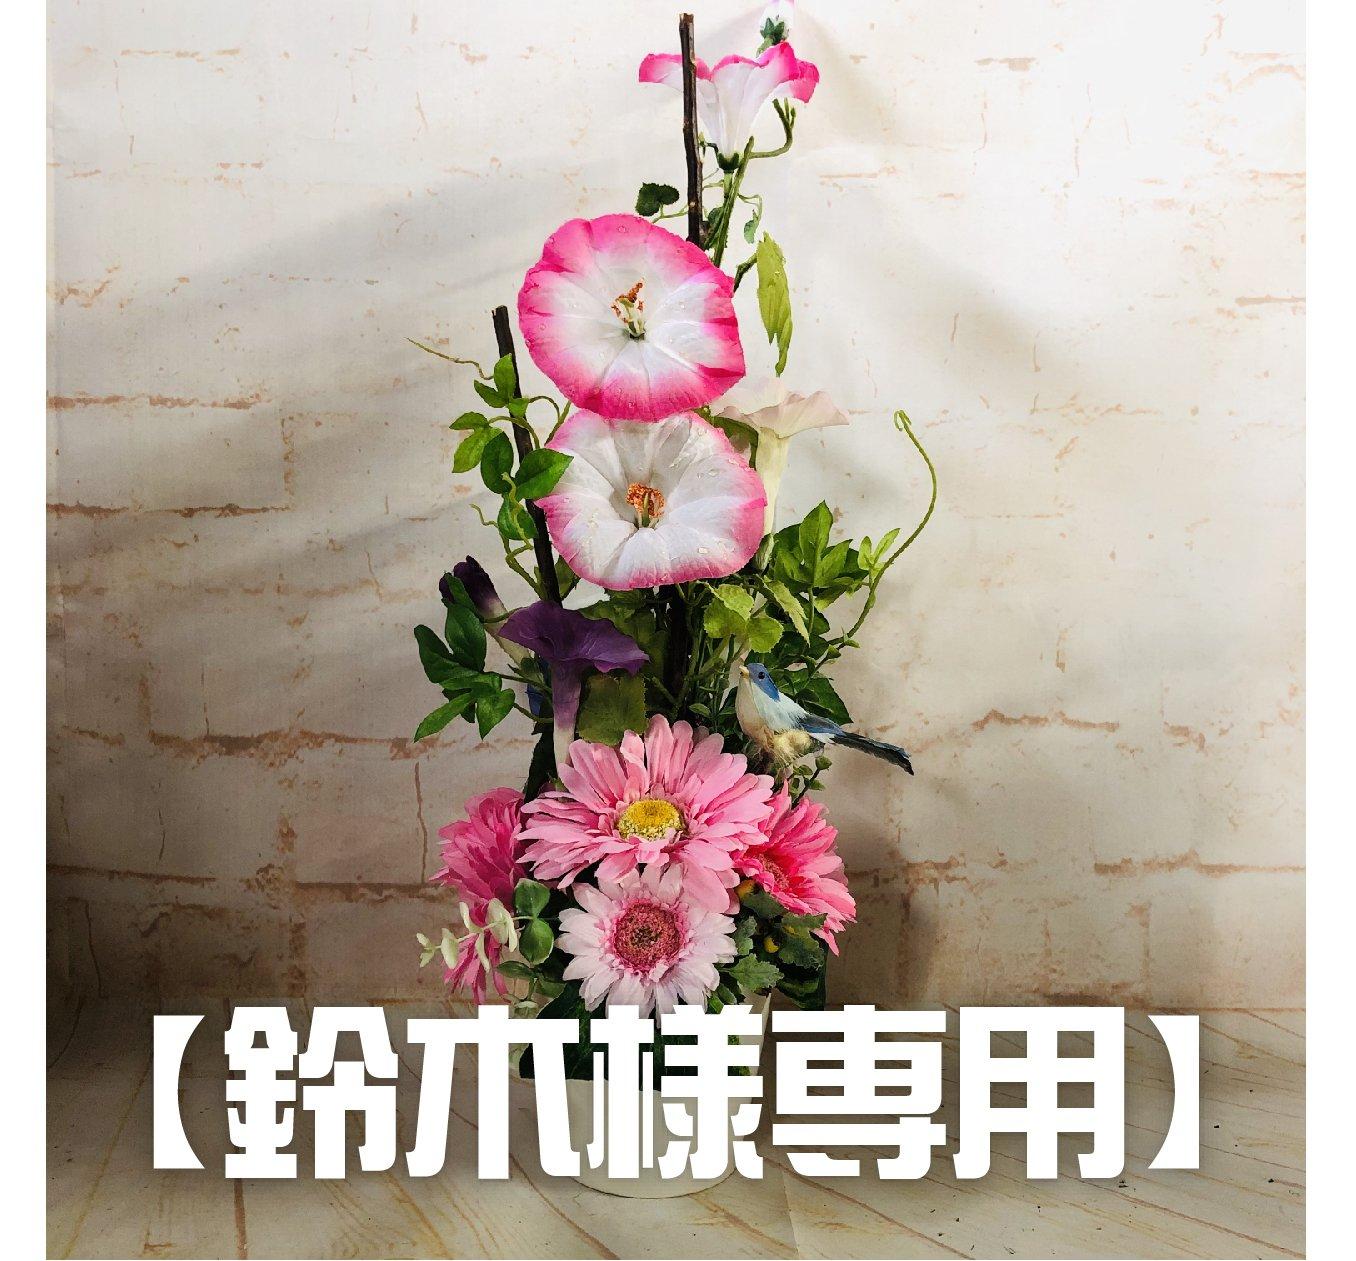 お嬢様誕生記念(ネームプレート付)【鈴木様専用】のイメージその1